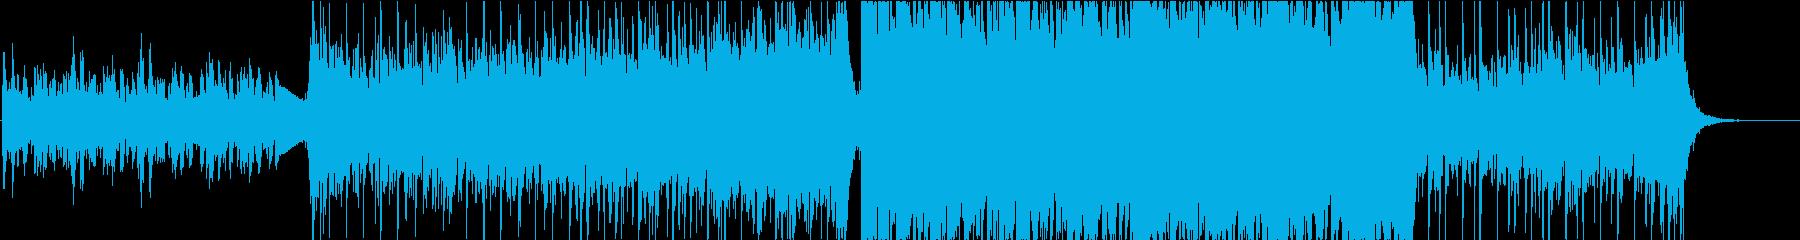 壮大なエピック系ボス登場曲の再生済みの波形